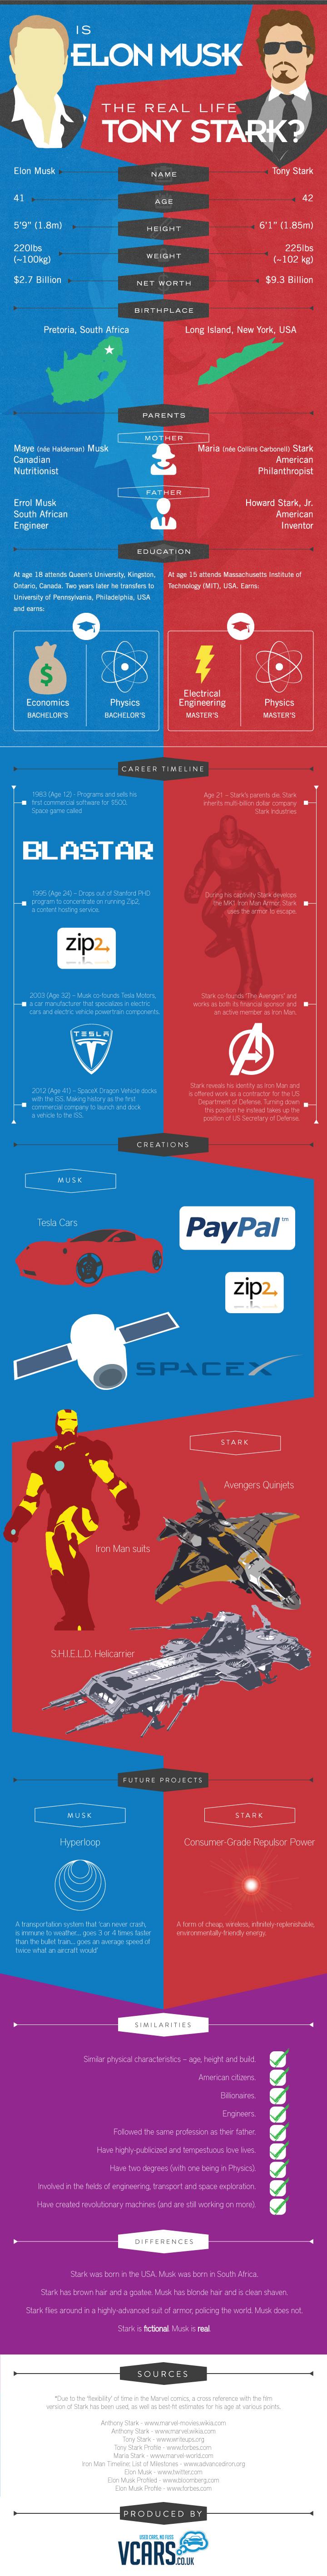 Elon Musk Tony Stark